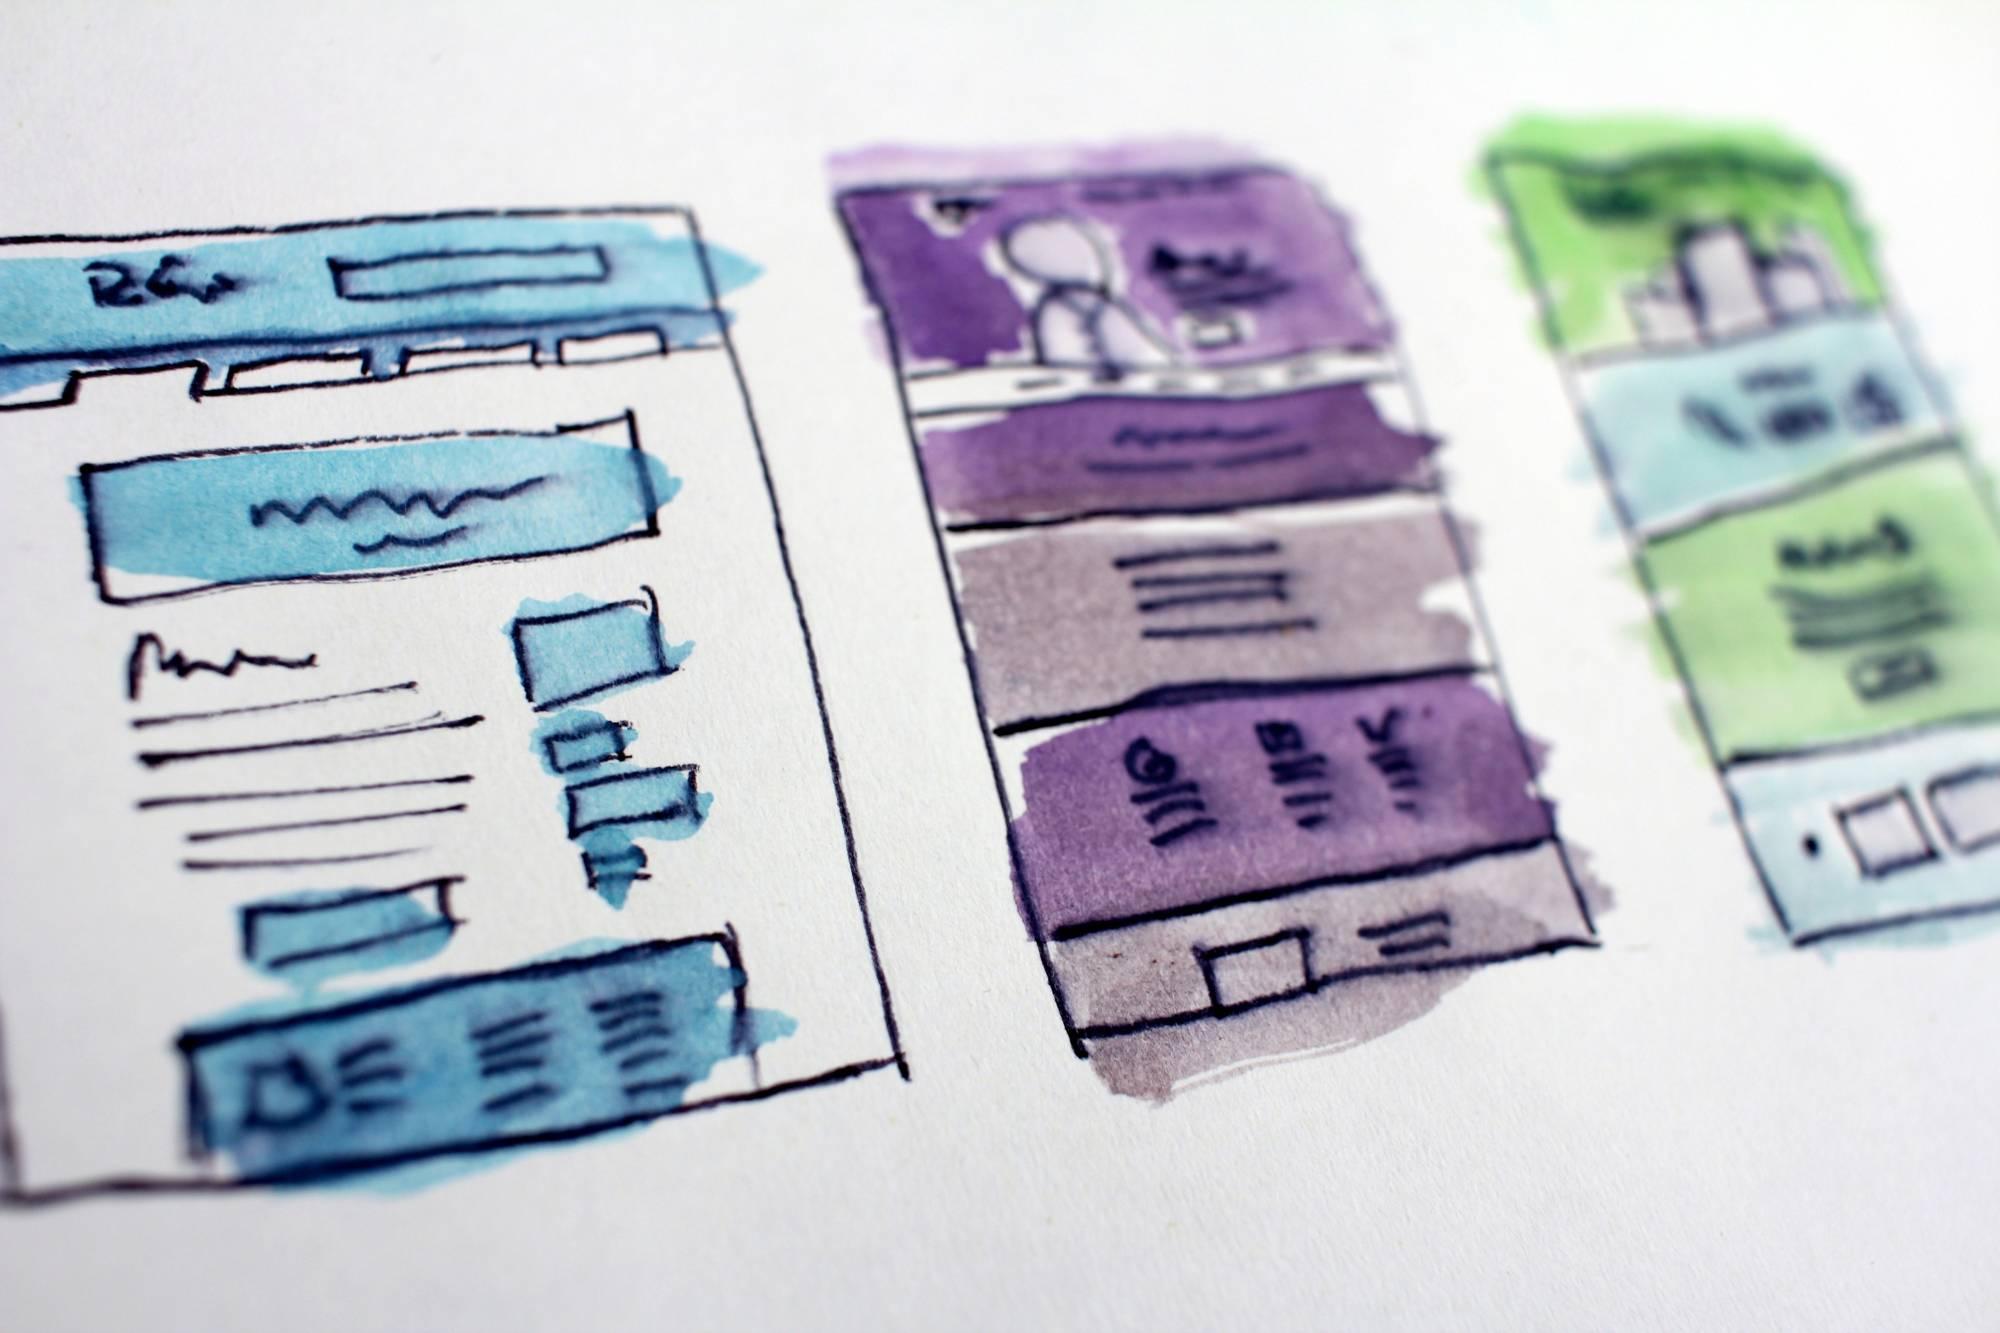 marketing-digital-inbound-contenidos-agencia-cordoba-argentina-diseño-web.jpg